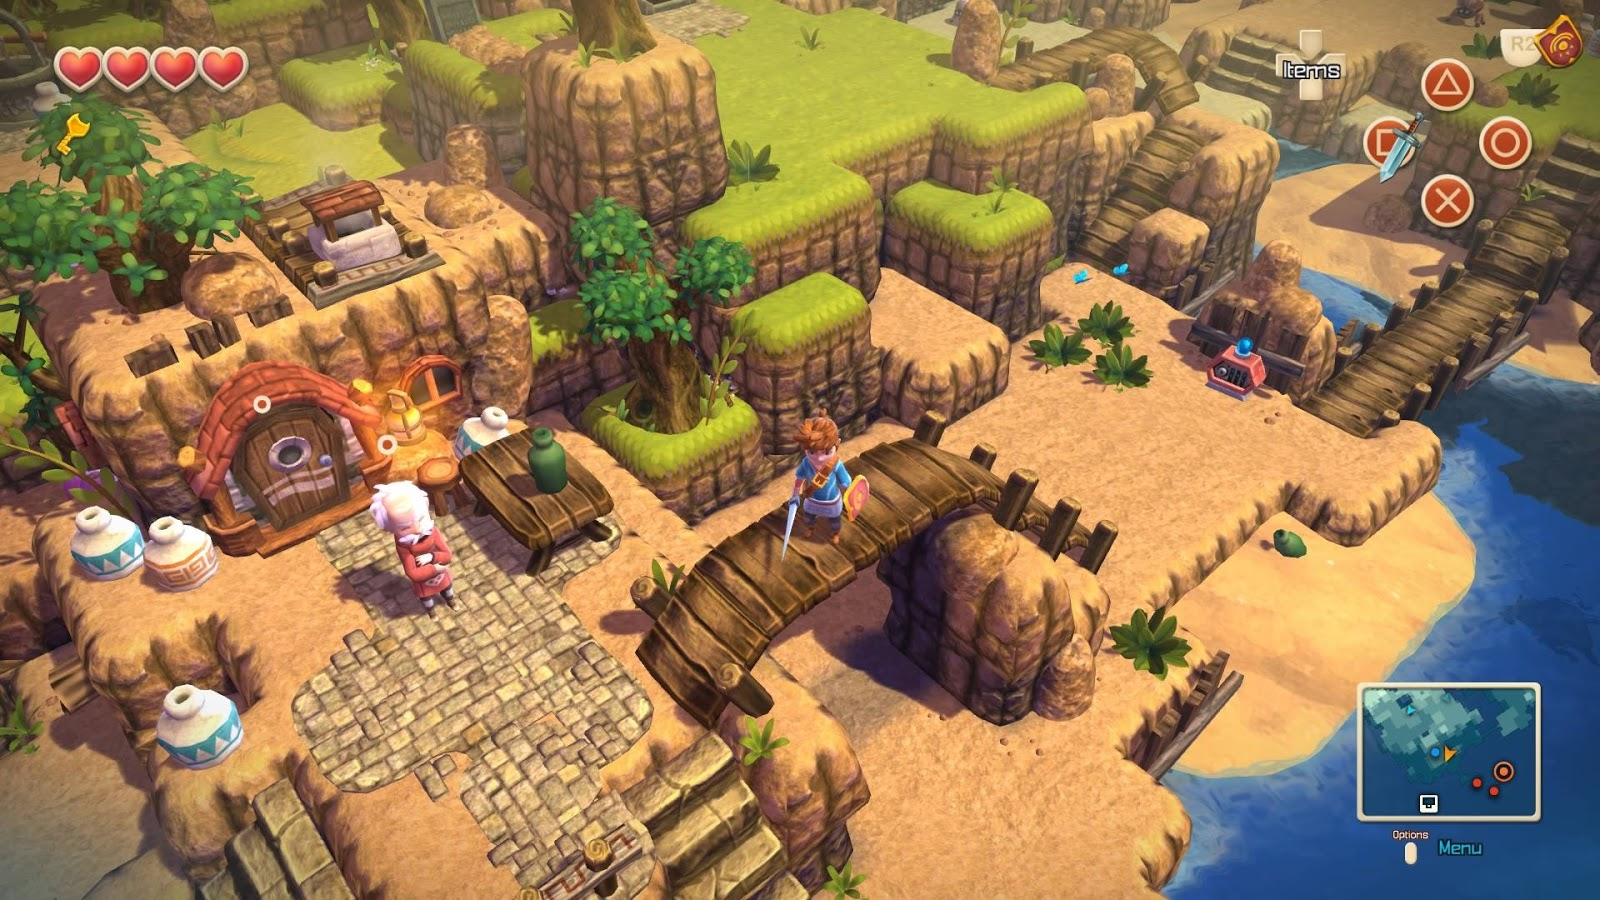 Zelda adventure games online